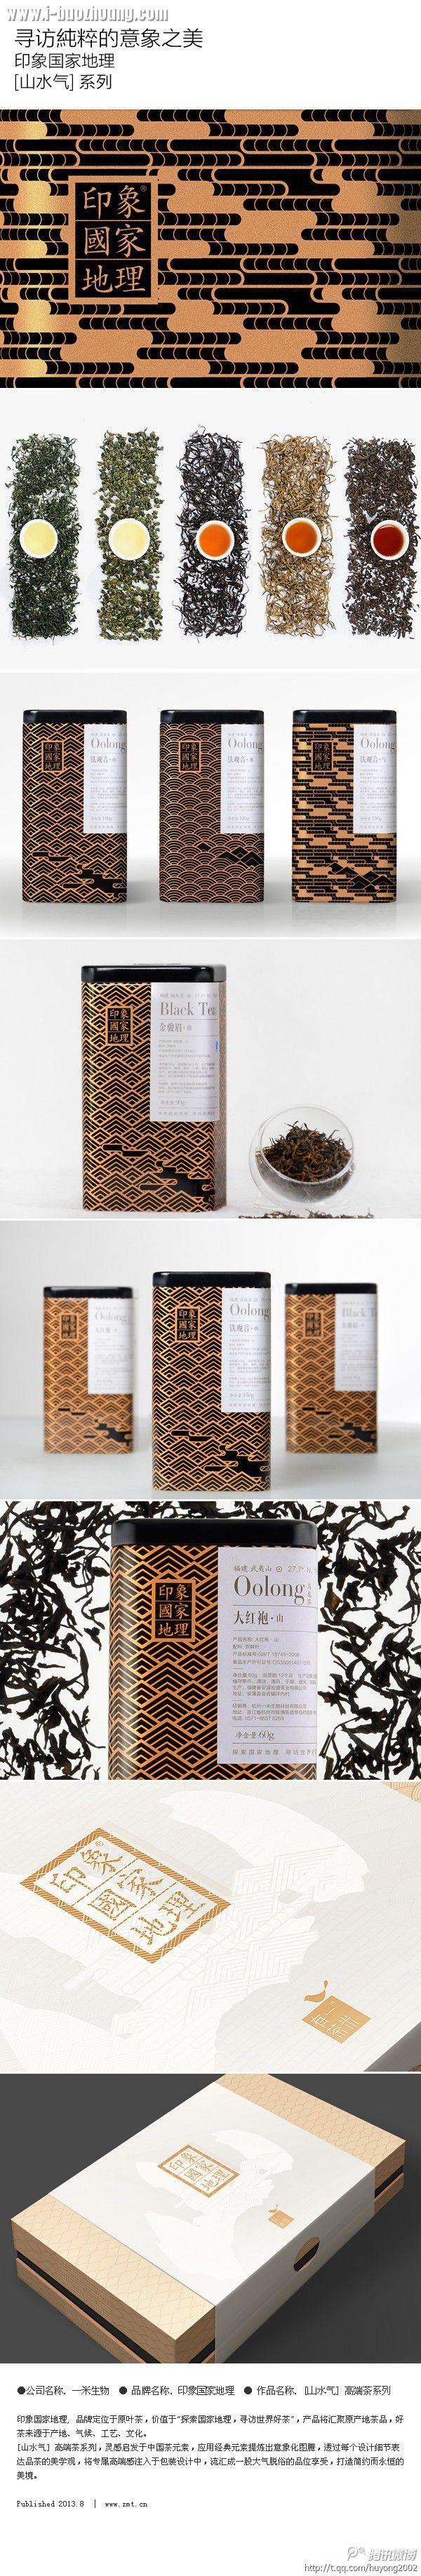 重墨堂2013案例之印像國家地理茶包... even if you never liked tea this #packaging would inspire you to try it PD